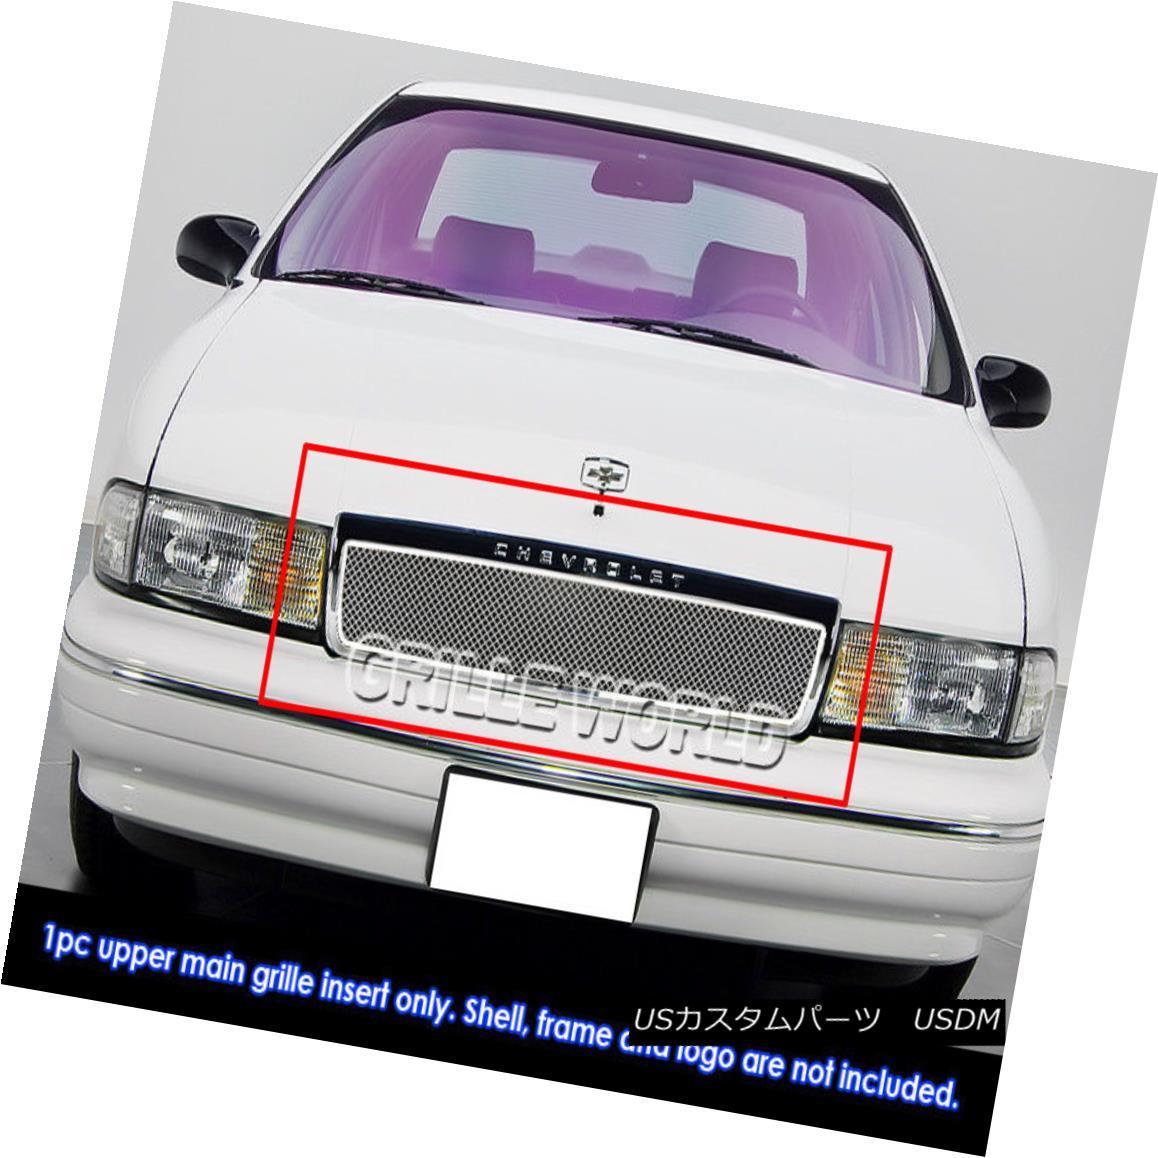 グリル Fits 1991-1996 Chevy Caprice Stainless Steel Mesh Grille Grill Insert フィット1991-1996シェビーカプリスステンレスメッシュグリルグリルインサート